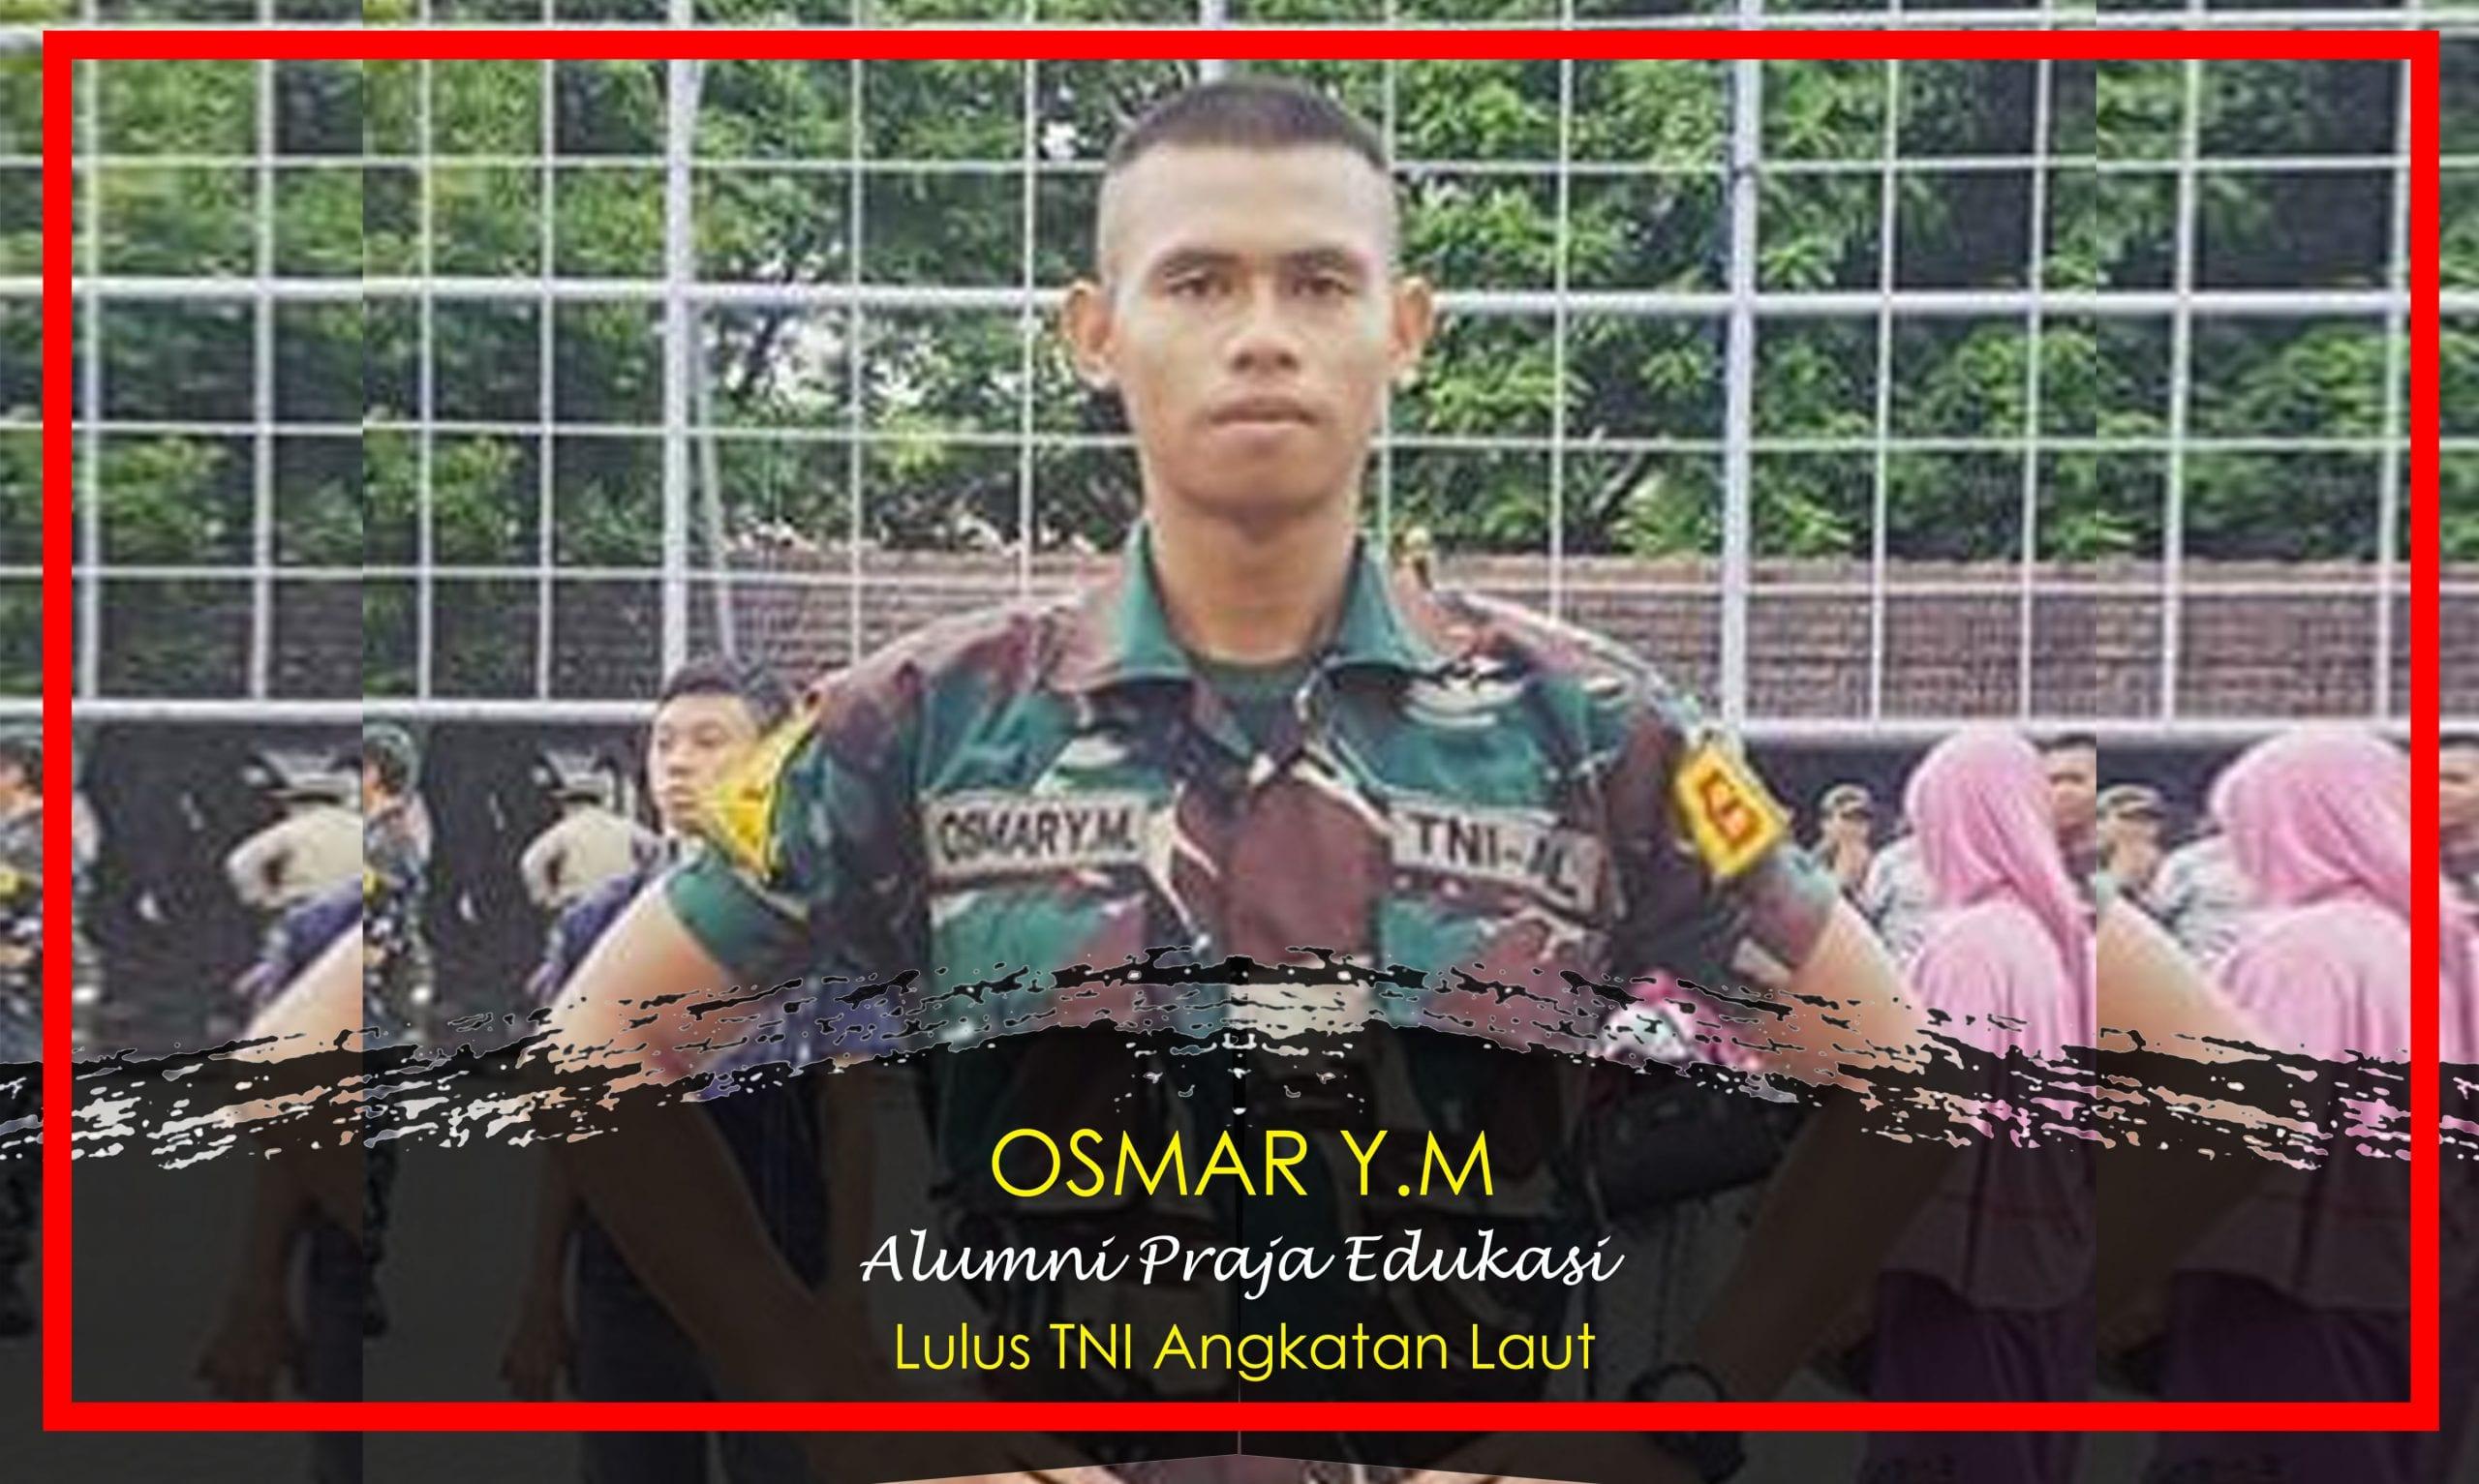 Osmar